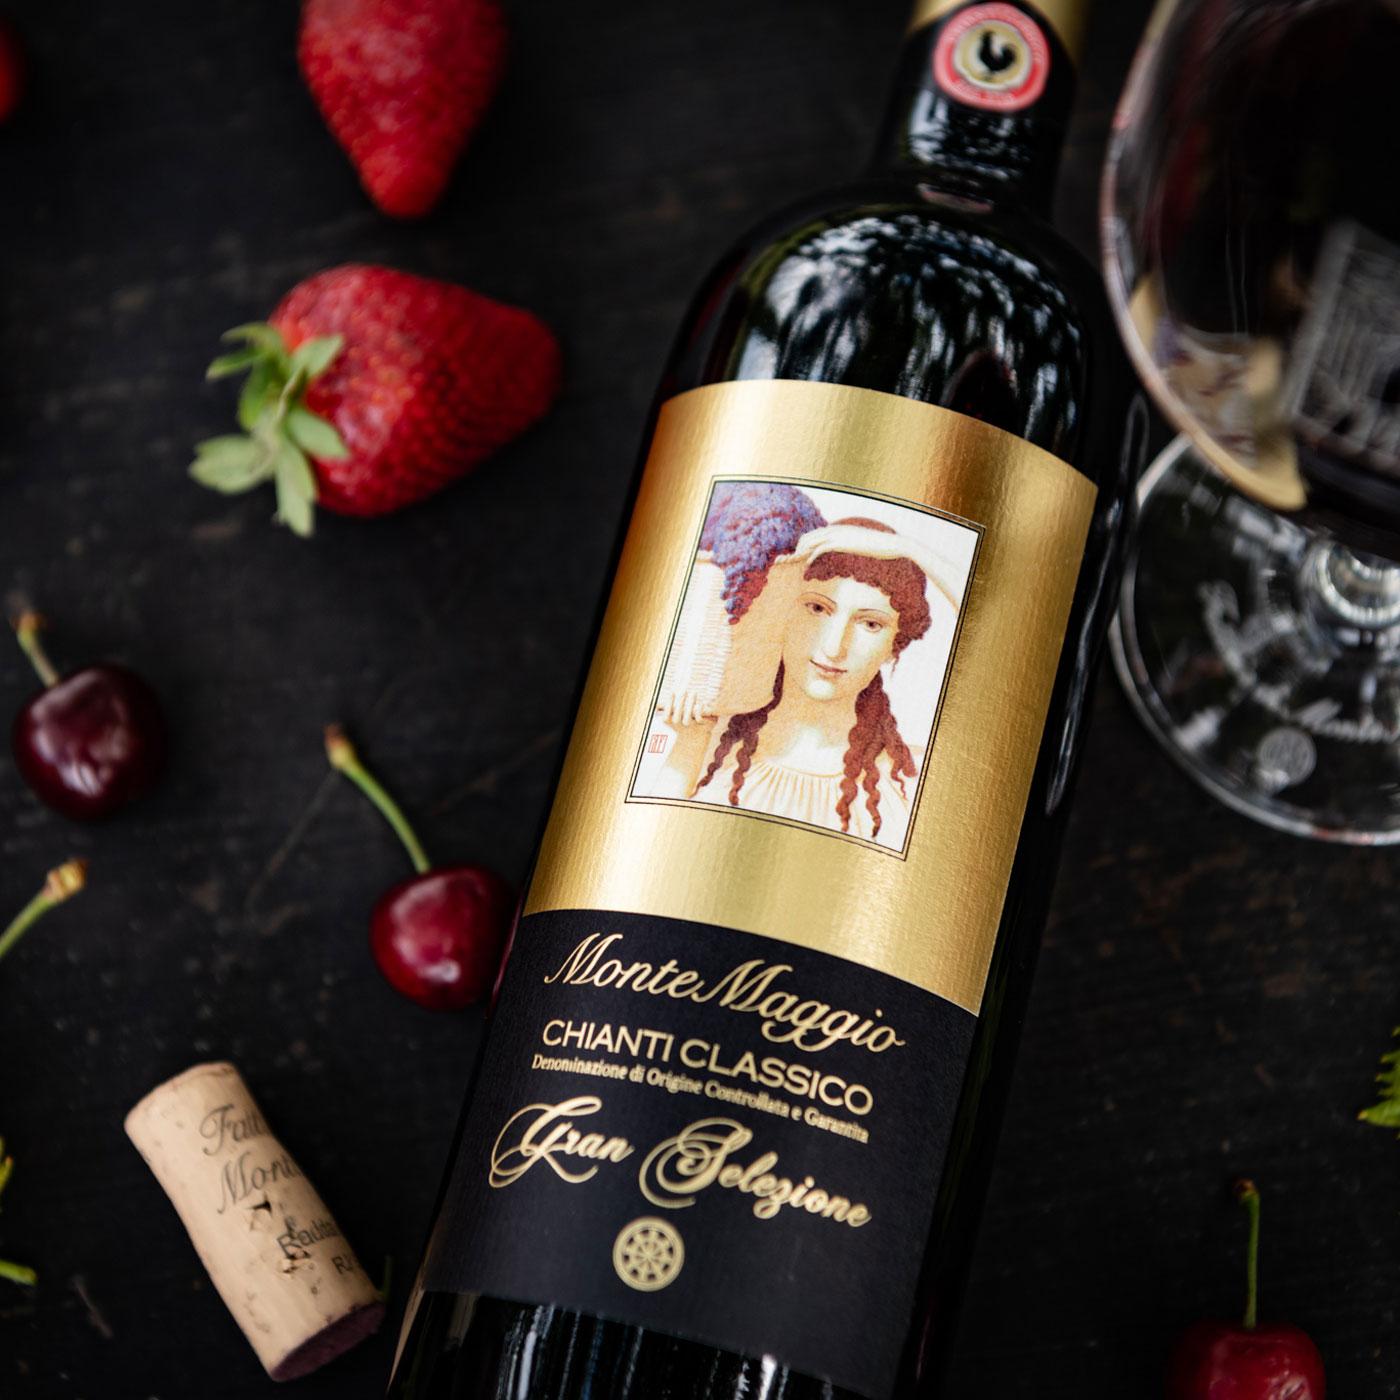 Order this Sangiovese rich elegant wine - Chianti Classico Gran Selezione di Montemaggio